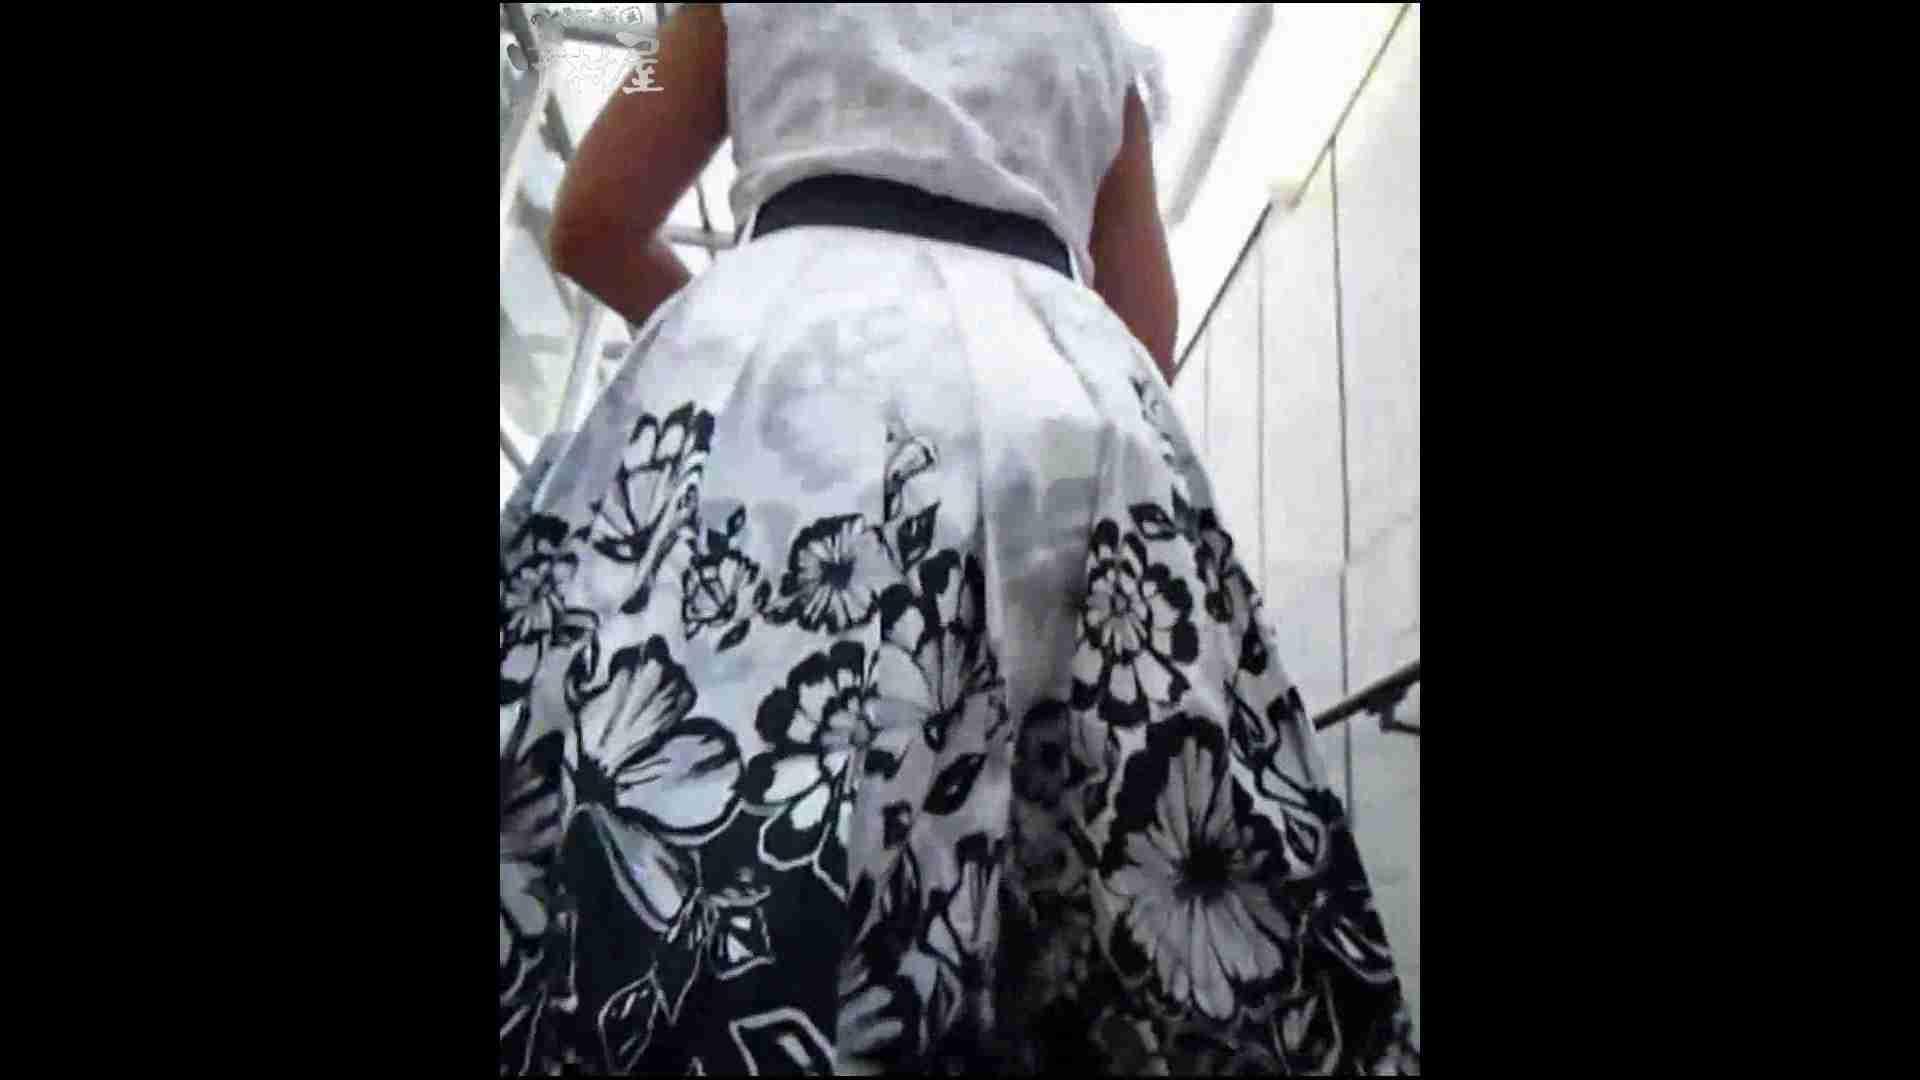 綺麗なモデルさんのスカート捲っちゃおう‼ vol25 Hなお姉さん | モデルヌード  87pic 66